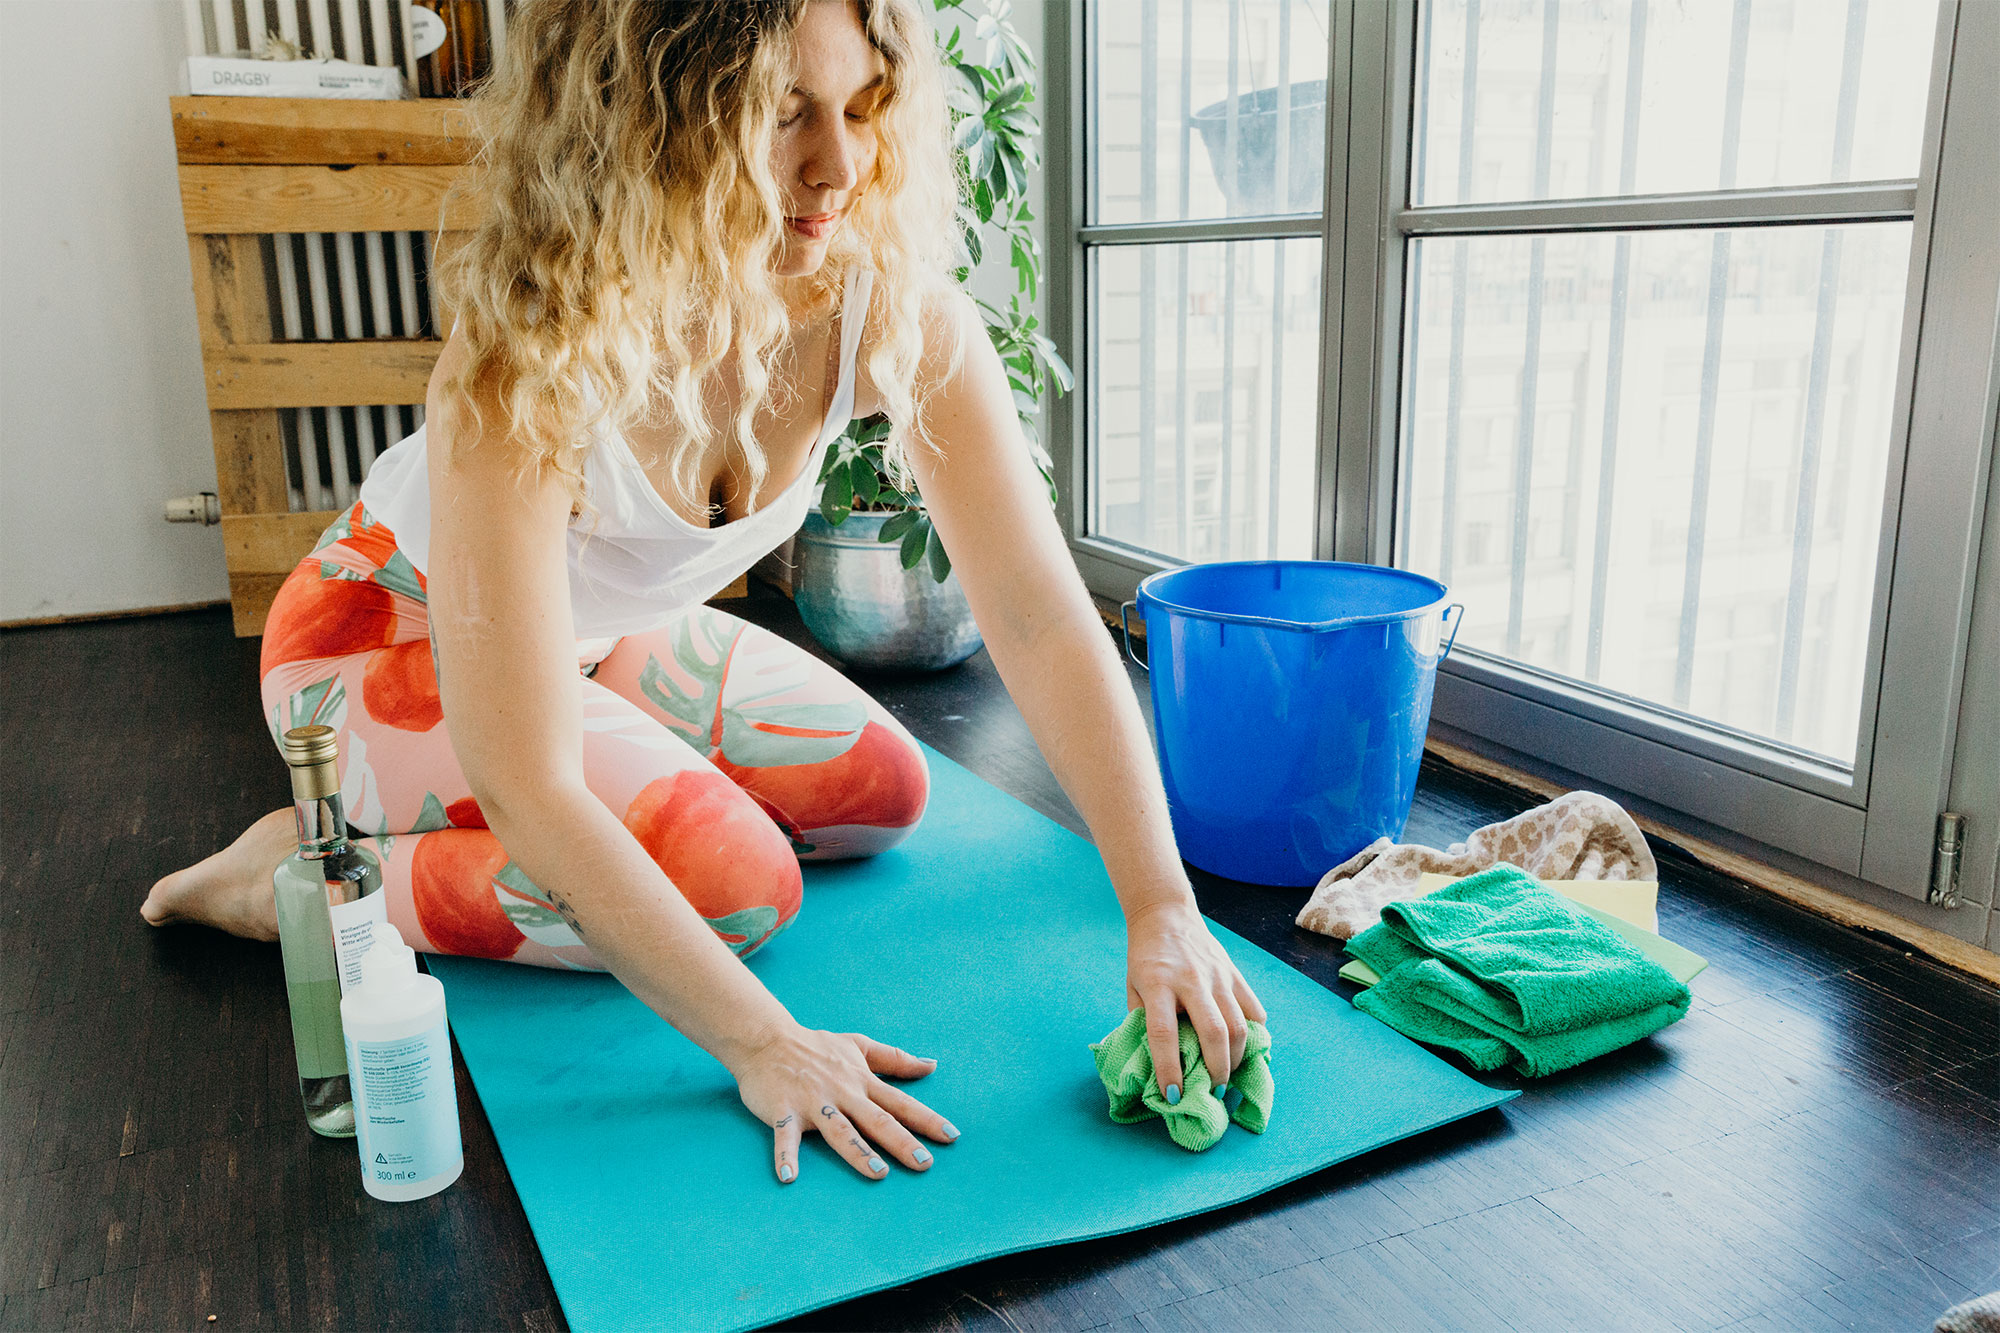 Yogamatte reinigen - So geht's! 6